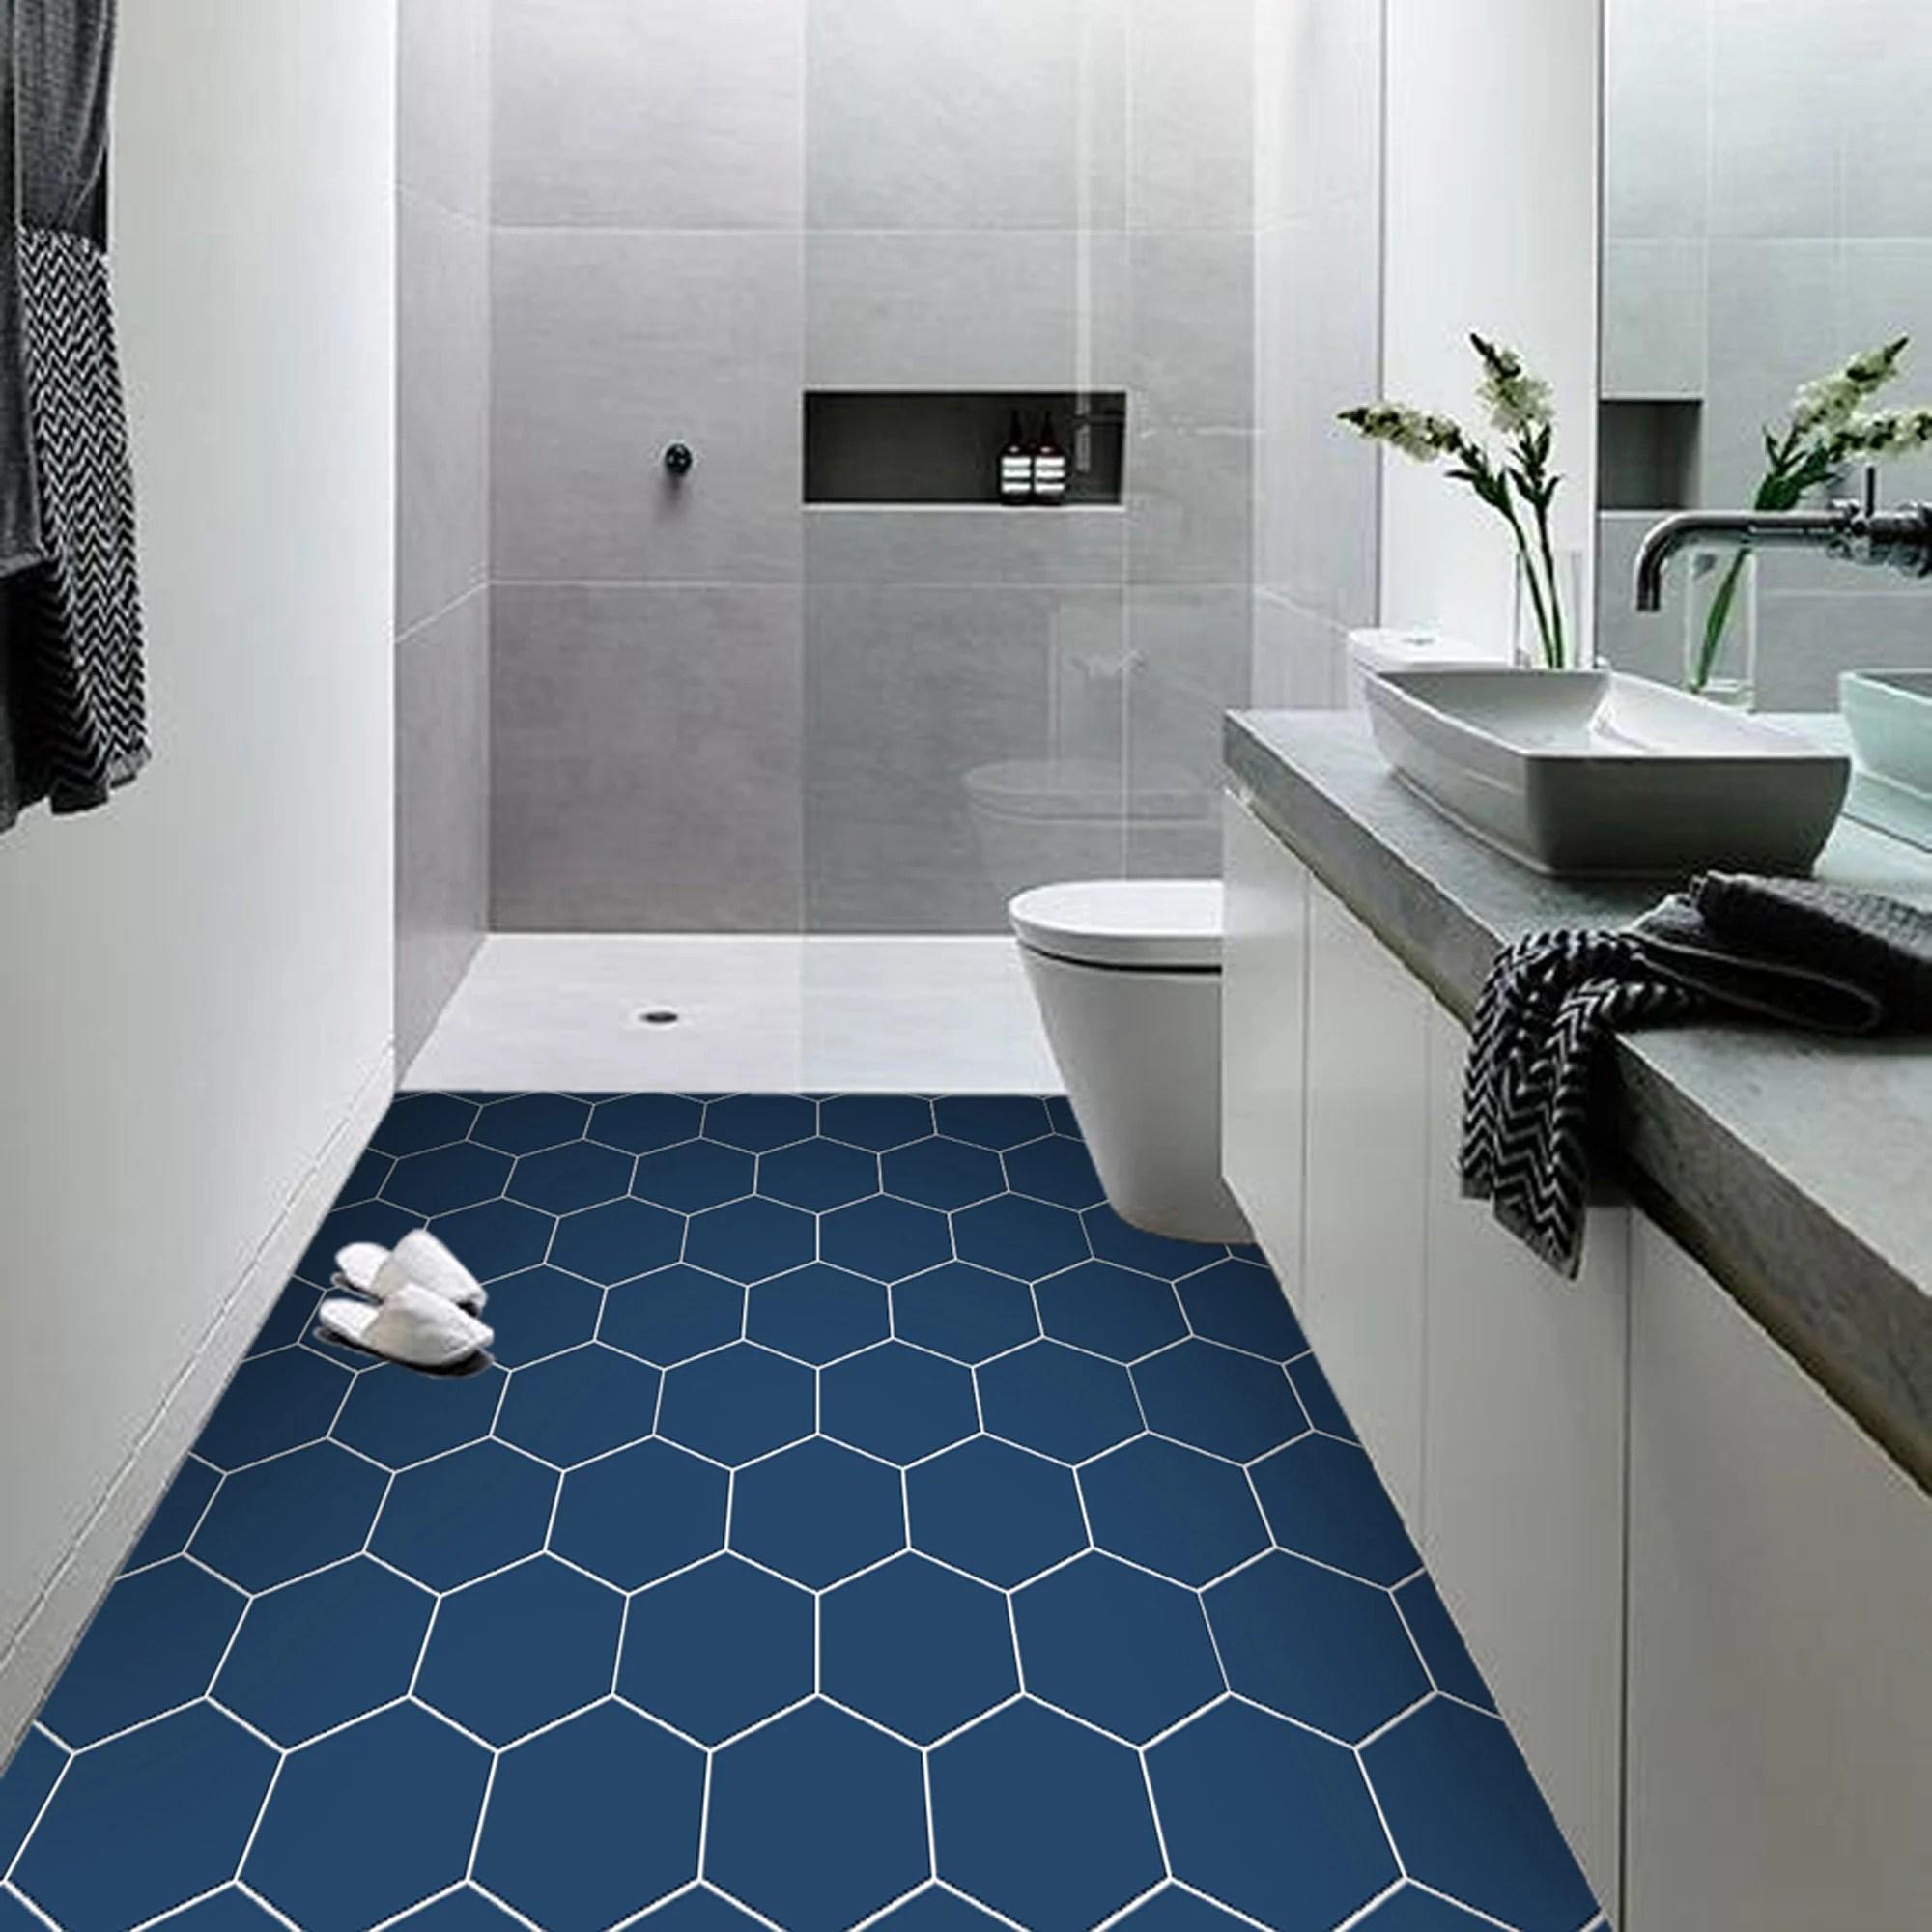 vinyl floor tile sticker panel peel and stick decal hexa admiral blue